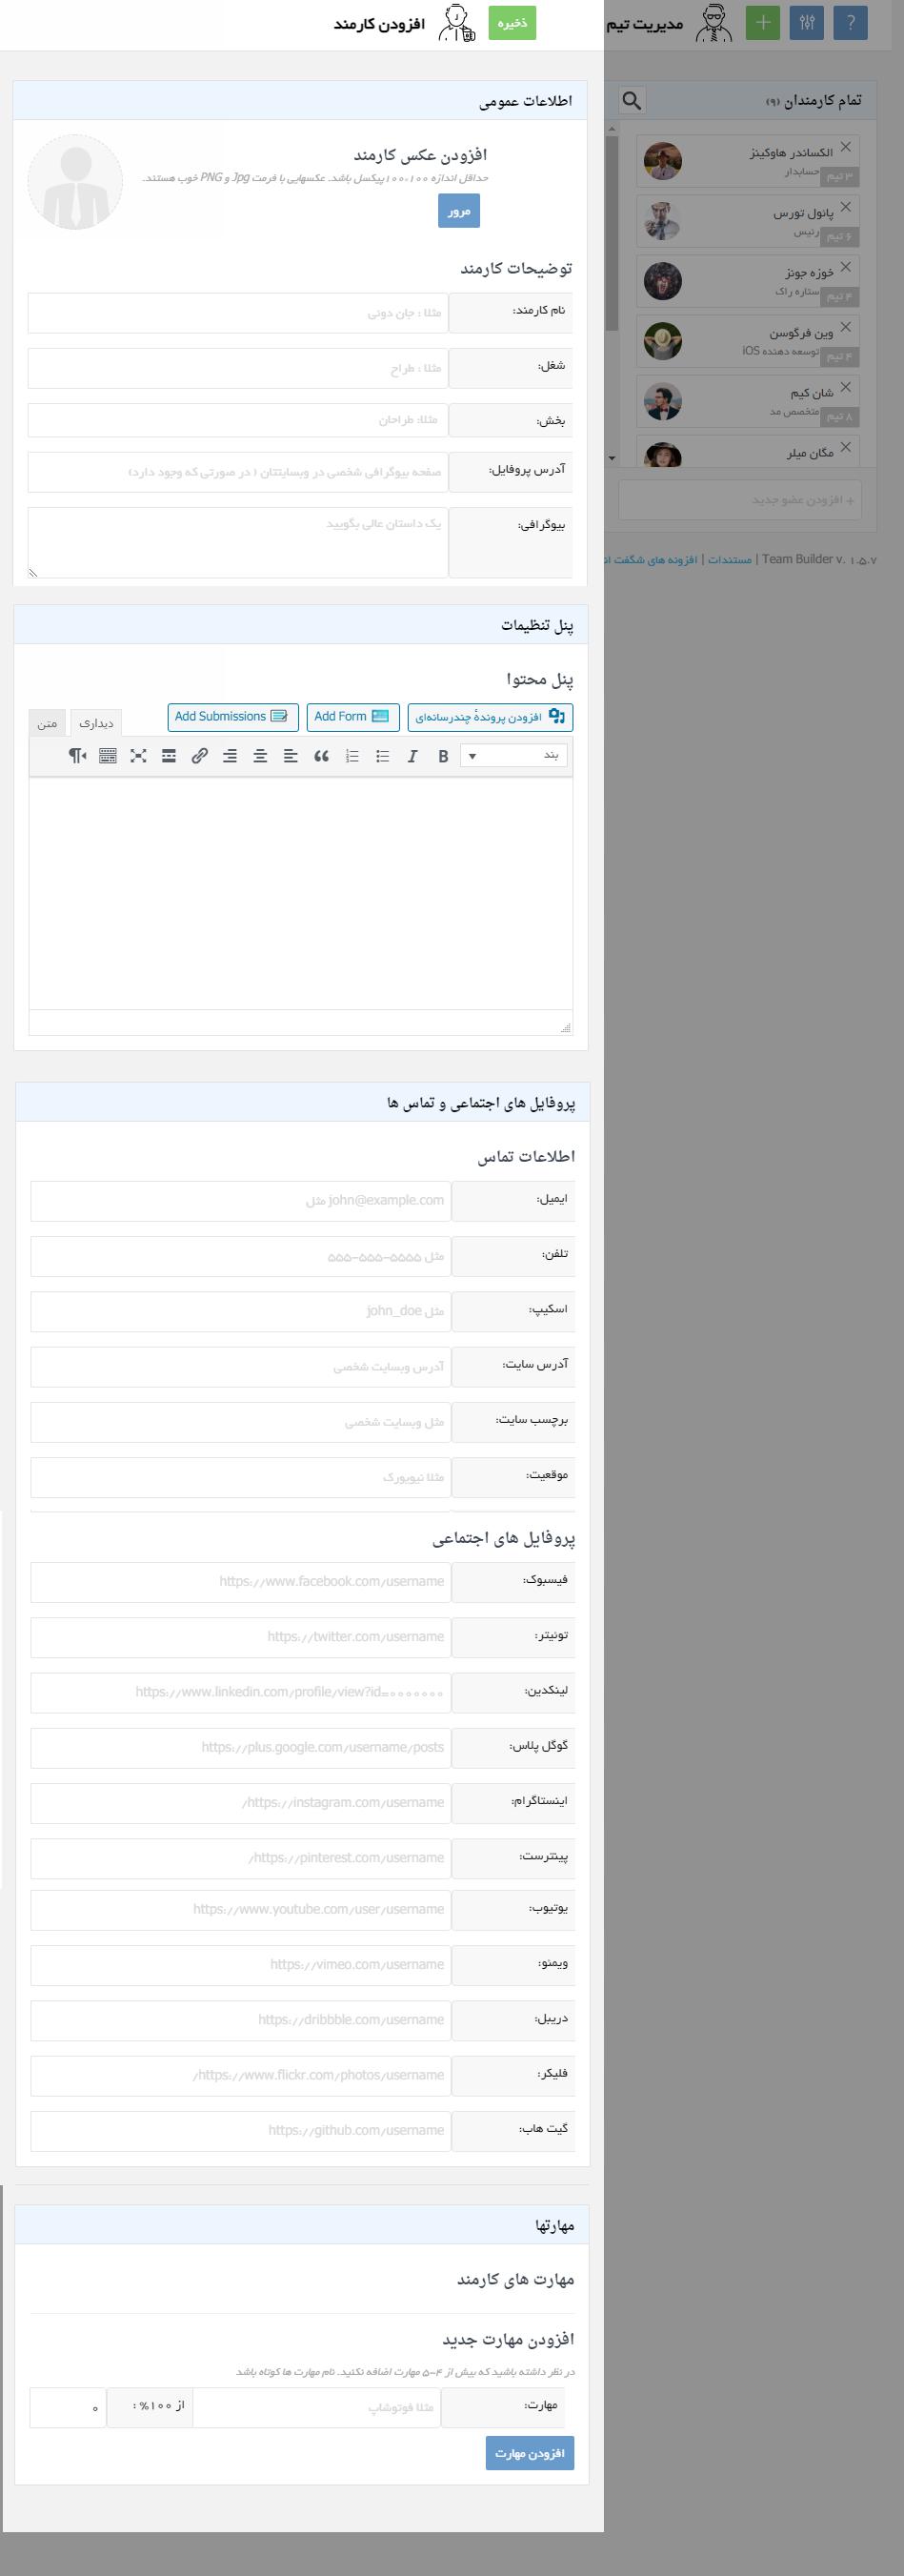 تنظیمات افزونه تیم ساز و پروفایل ساز تیم بیلدر